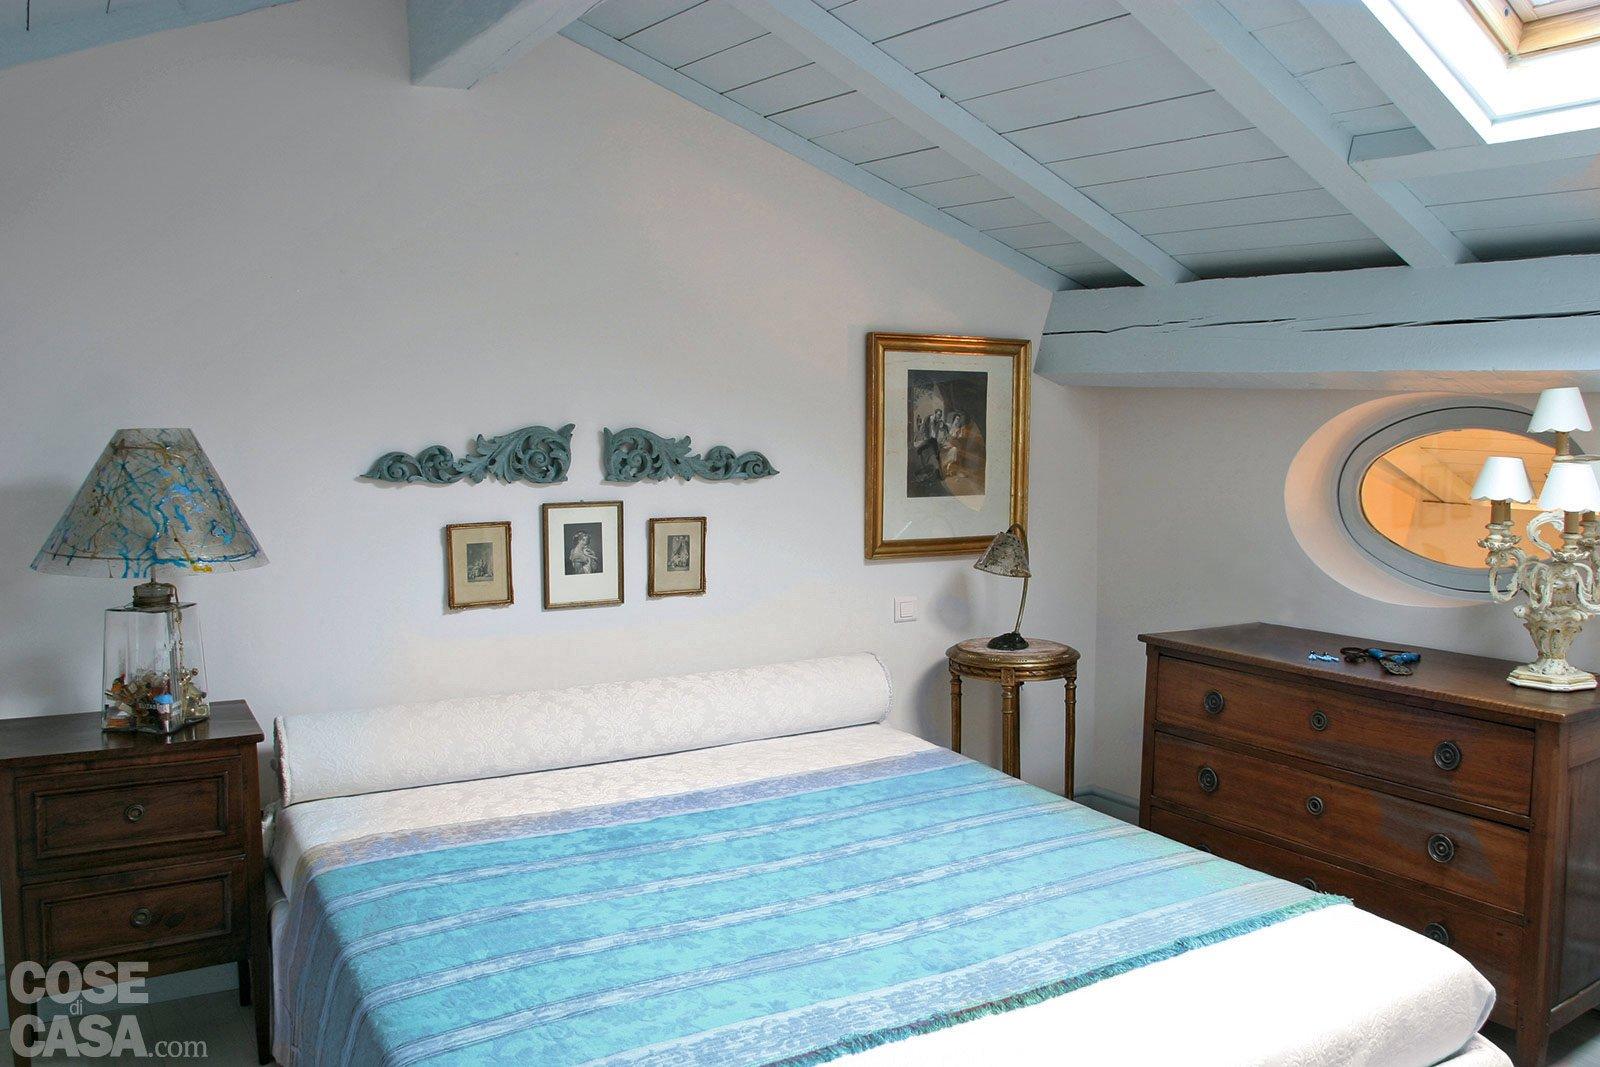 60 mq una casa in tonalit pastello cose di casa for Casa con una camera da letto